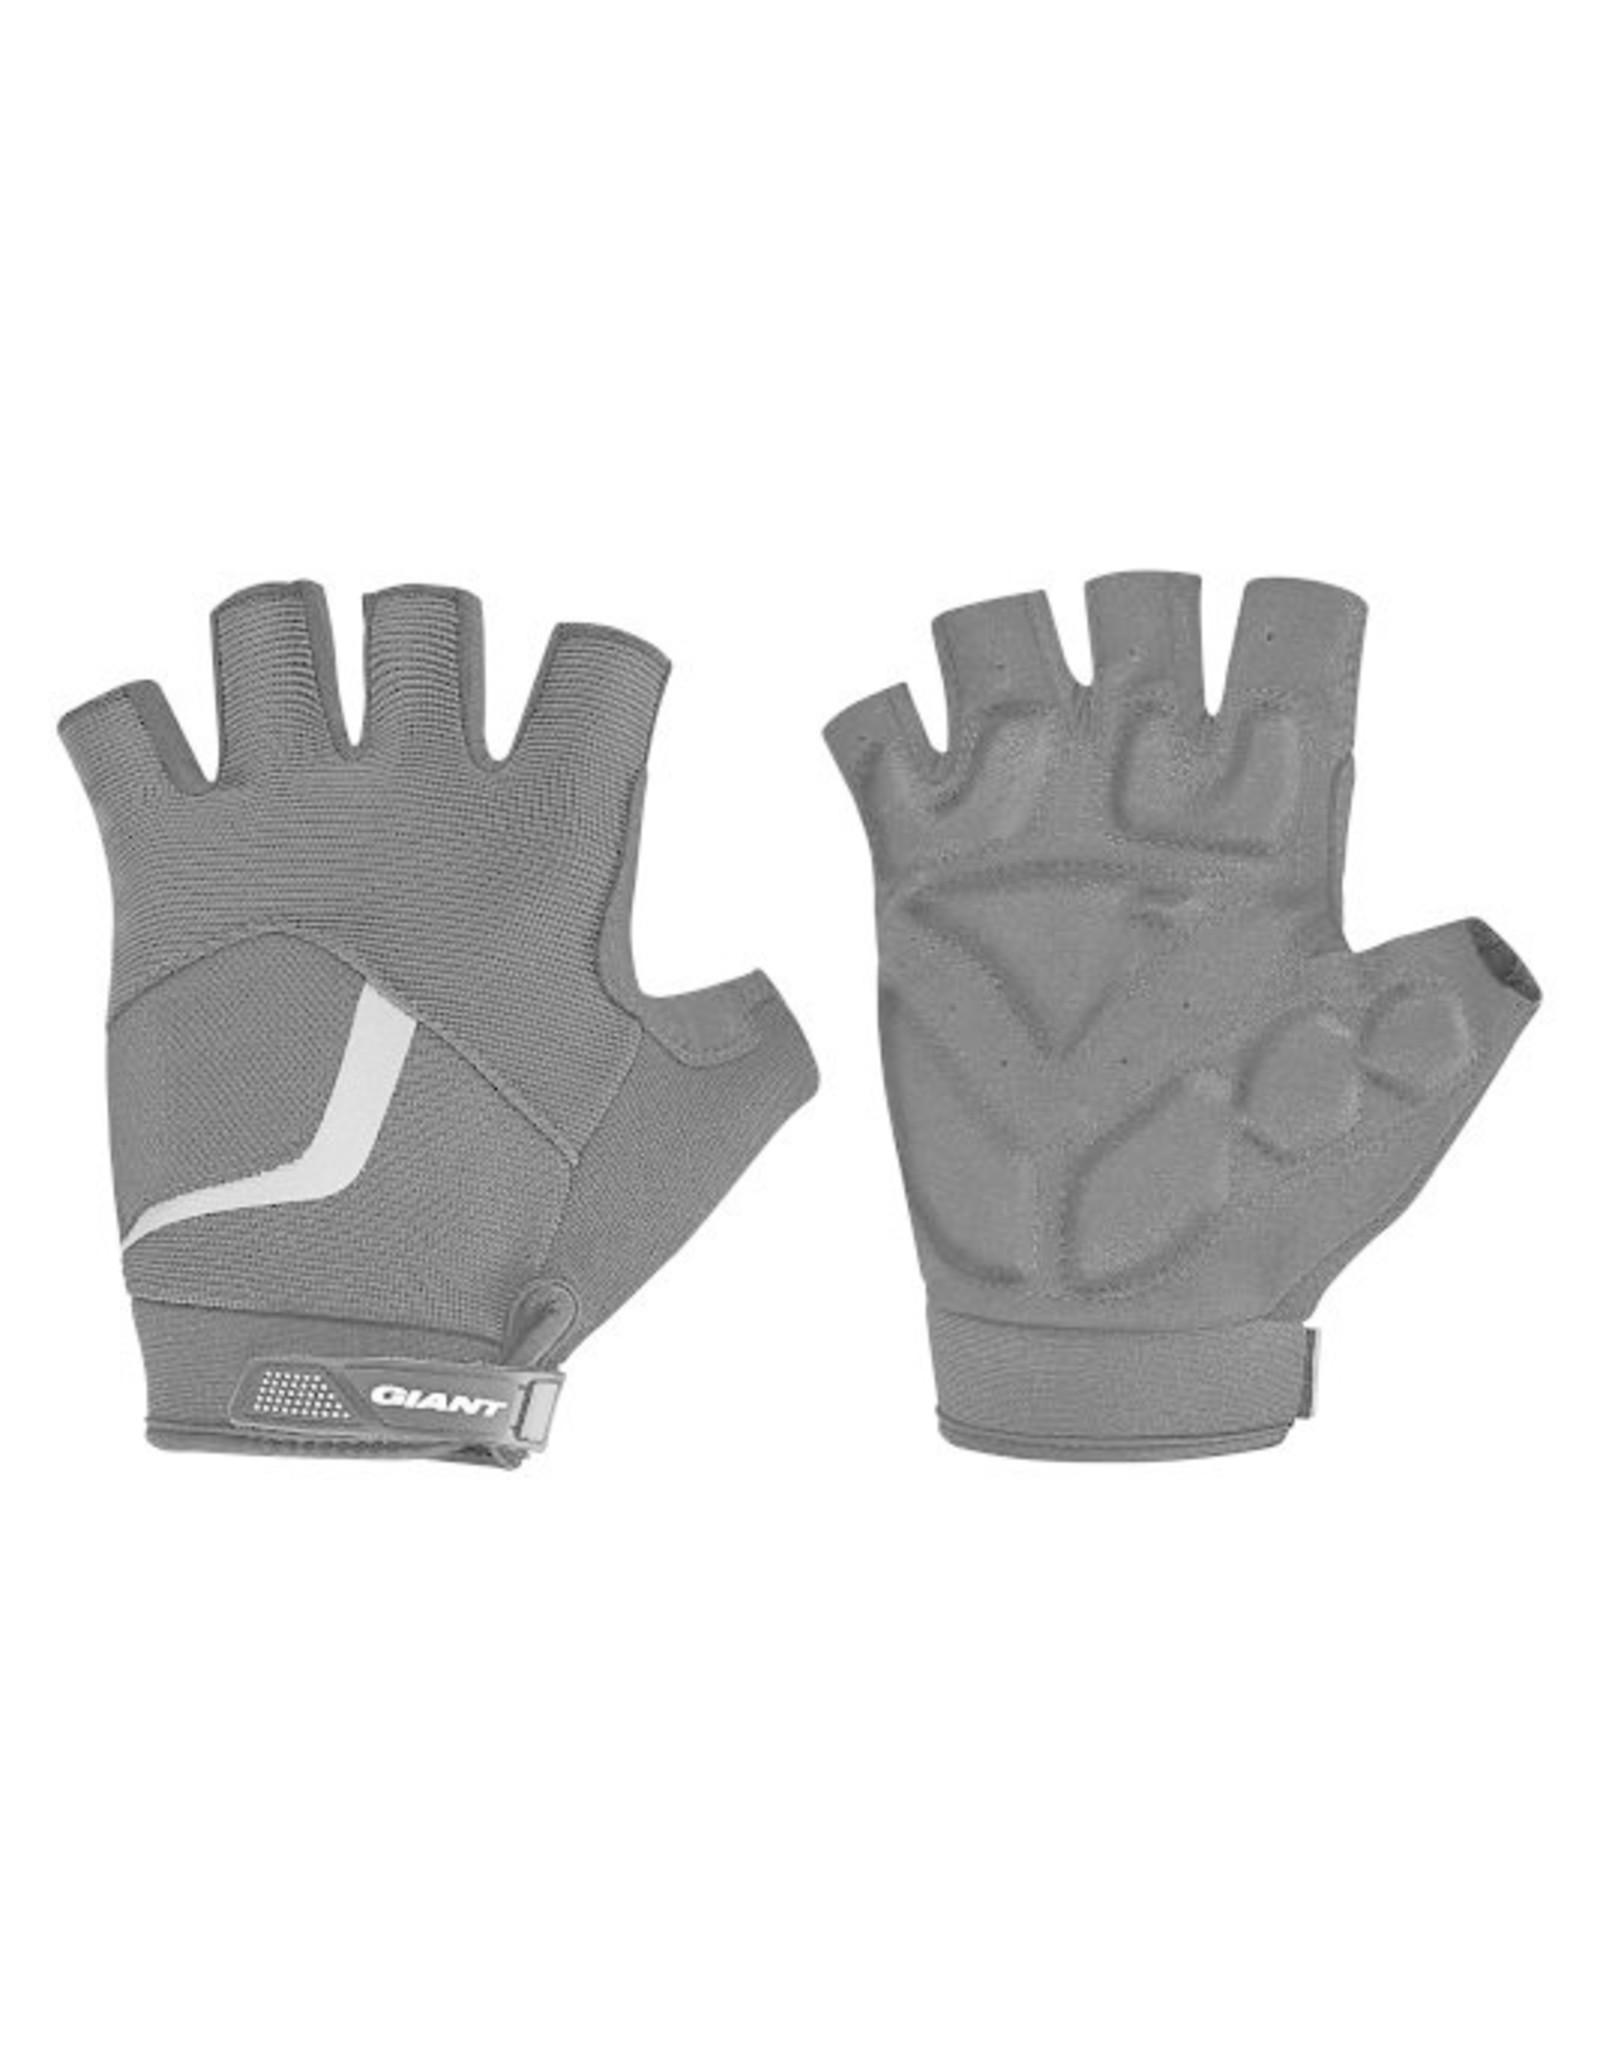 GIANT Giant Rival Short Finger Glove Black